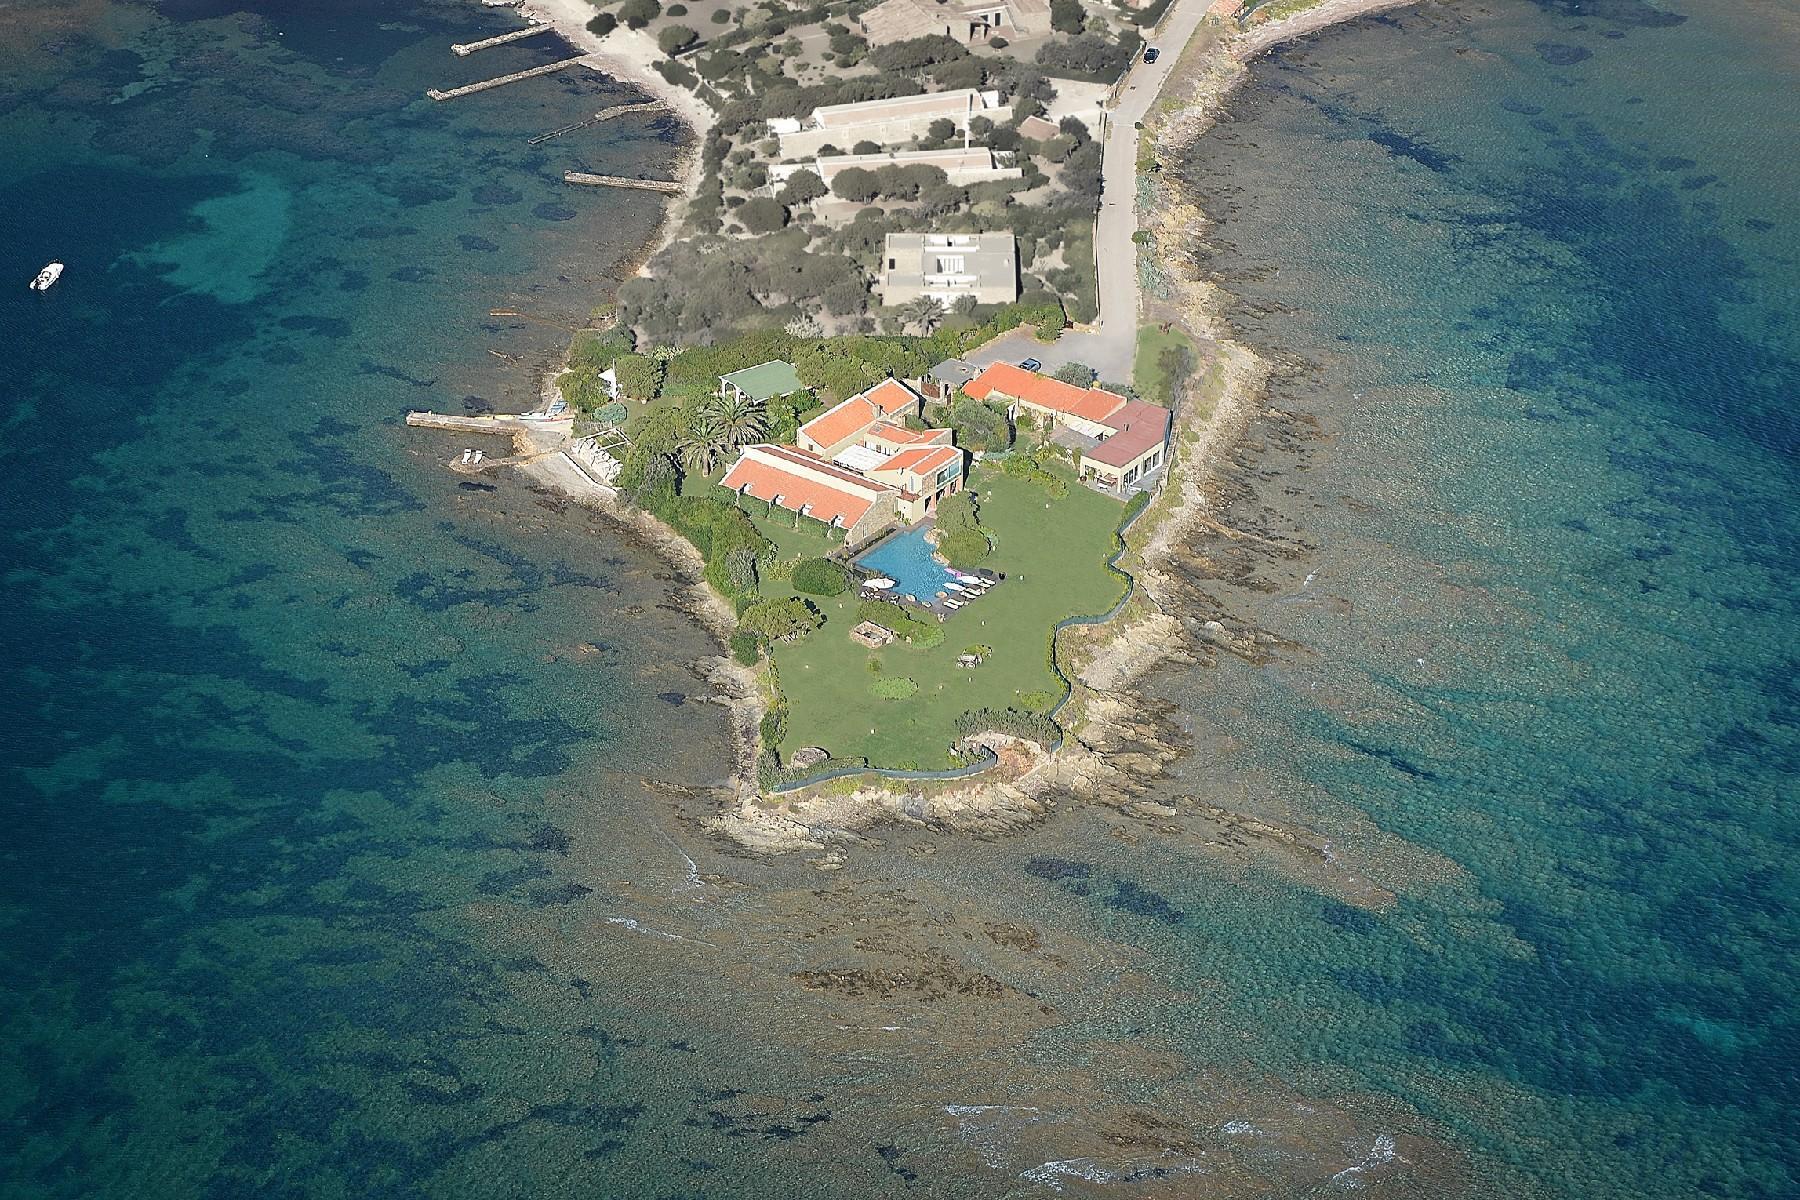 Pieds-dans-l'eau villa on a little private peninsula - 25